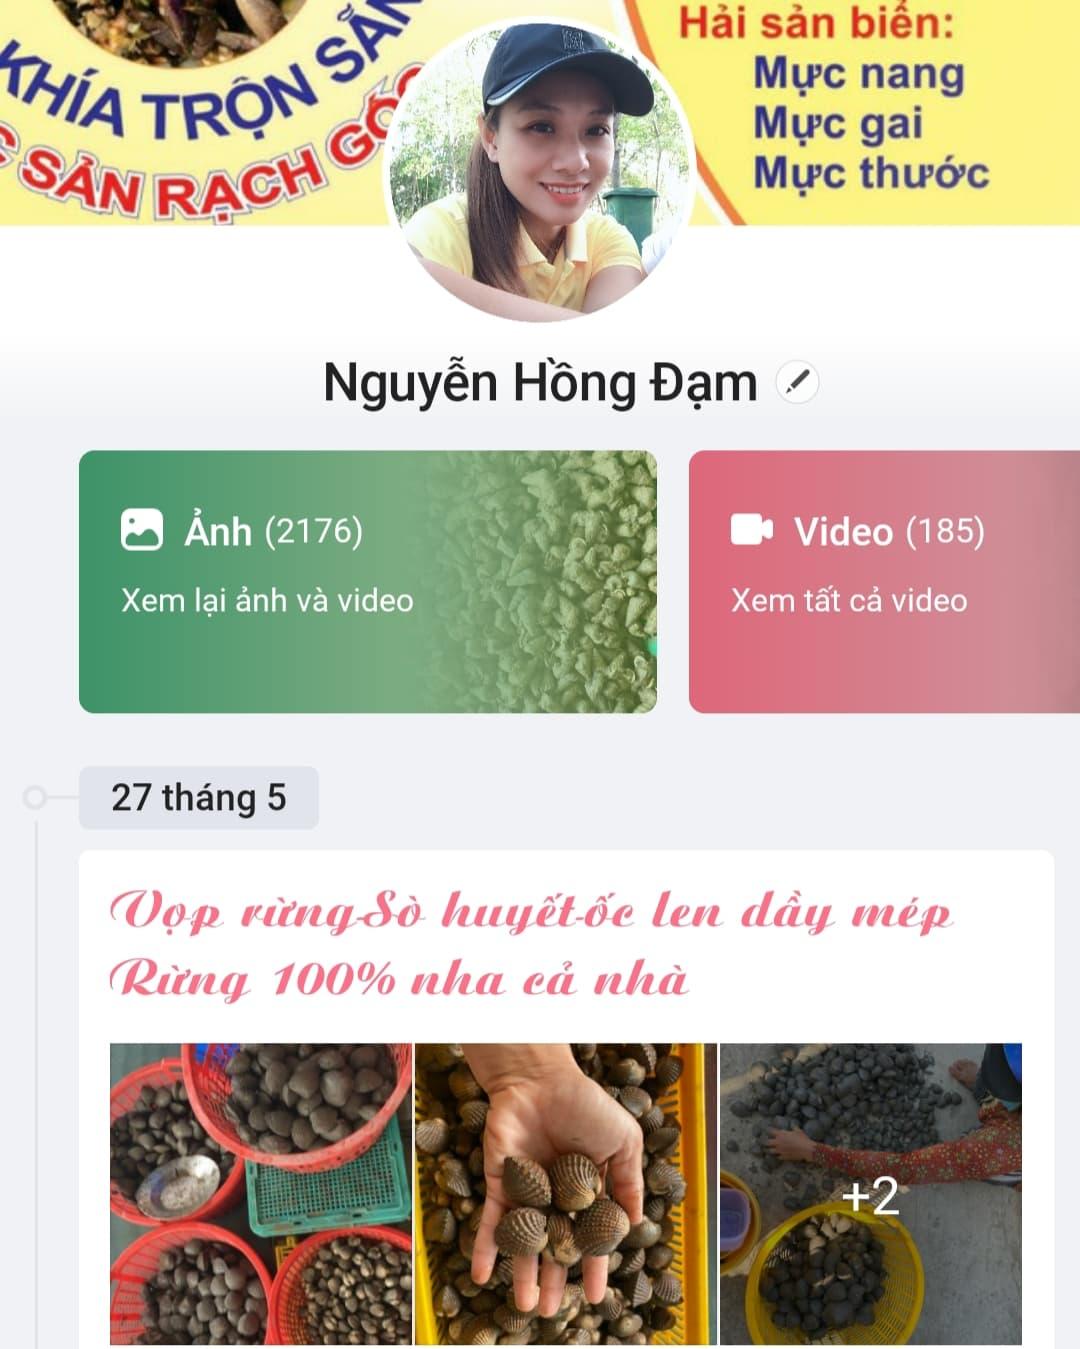 Đặc sản Cà Mau lên ngôi nhờ hình thức bán hàng online - Ảnh 2.